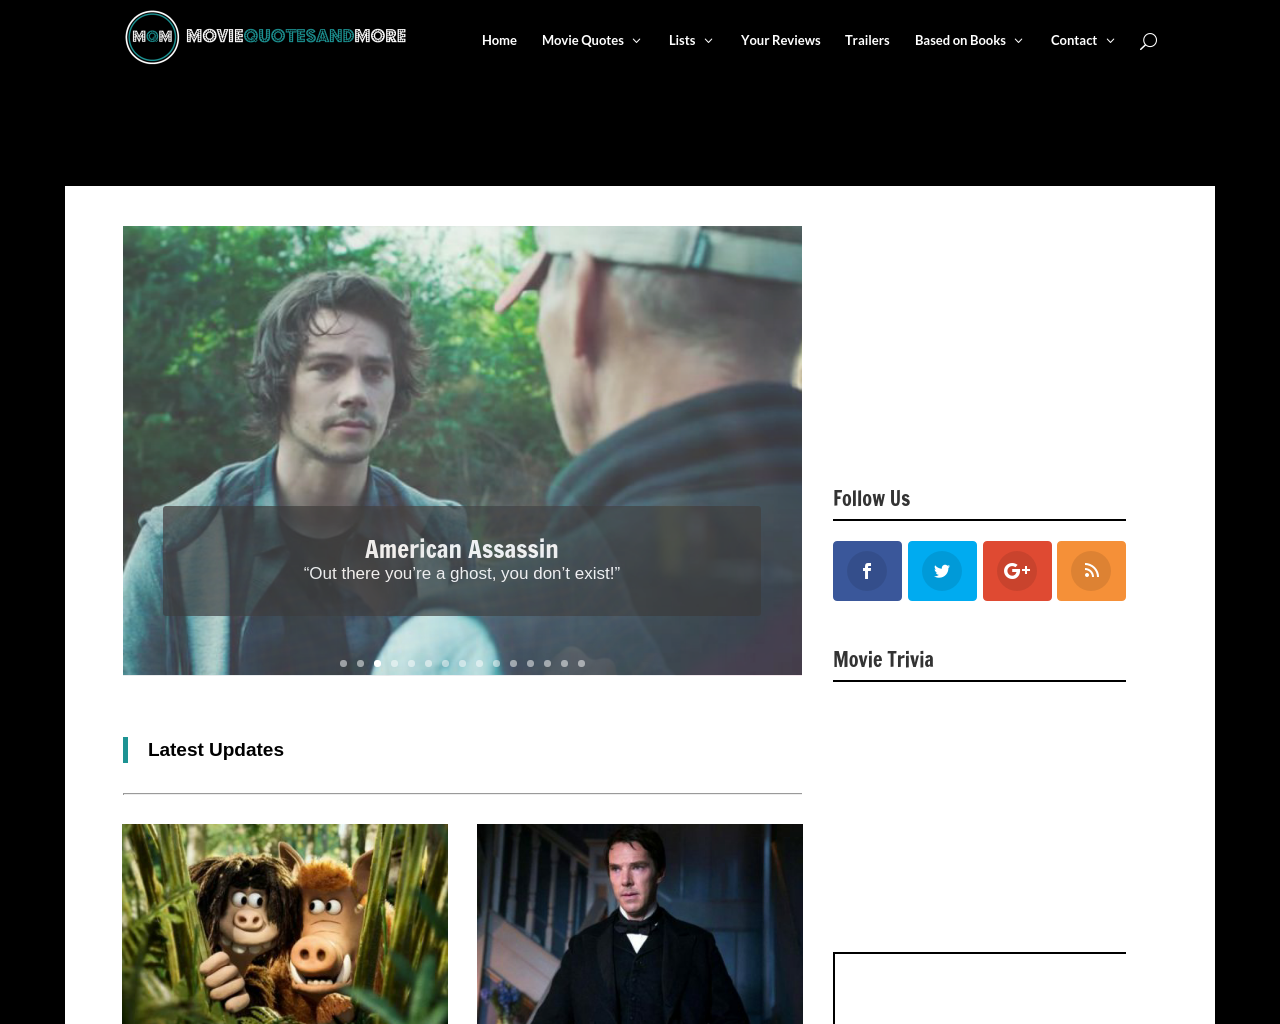 MovieQuotesandMore-Advertising-Reviews-Pricing